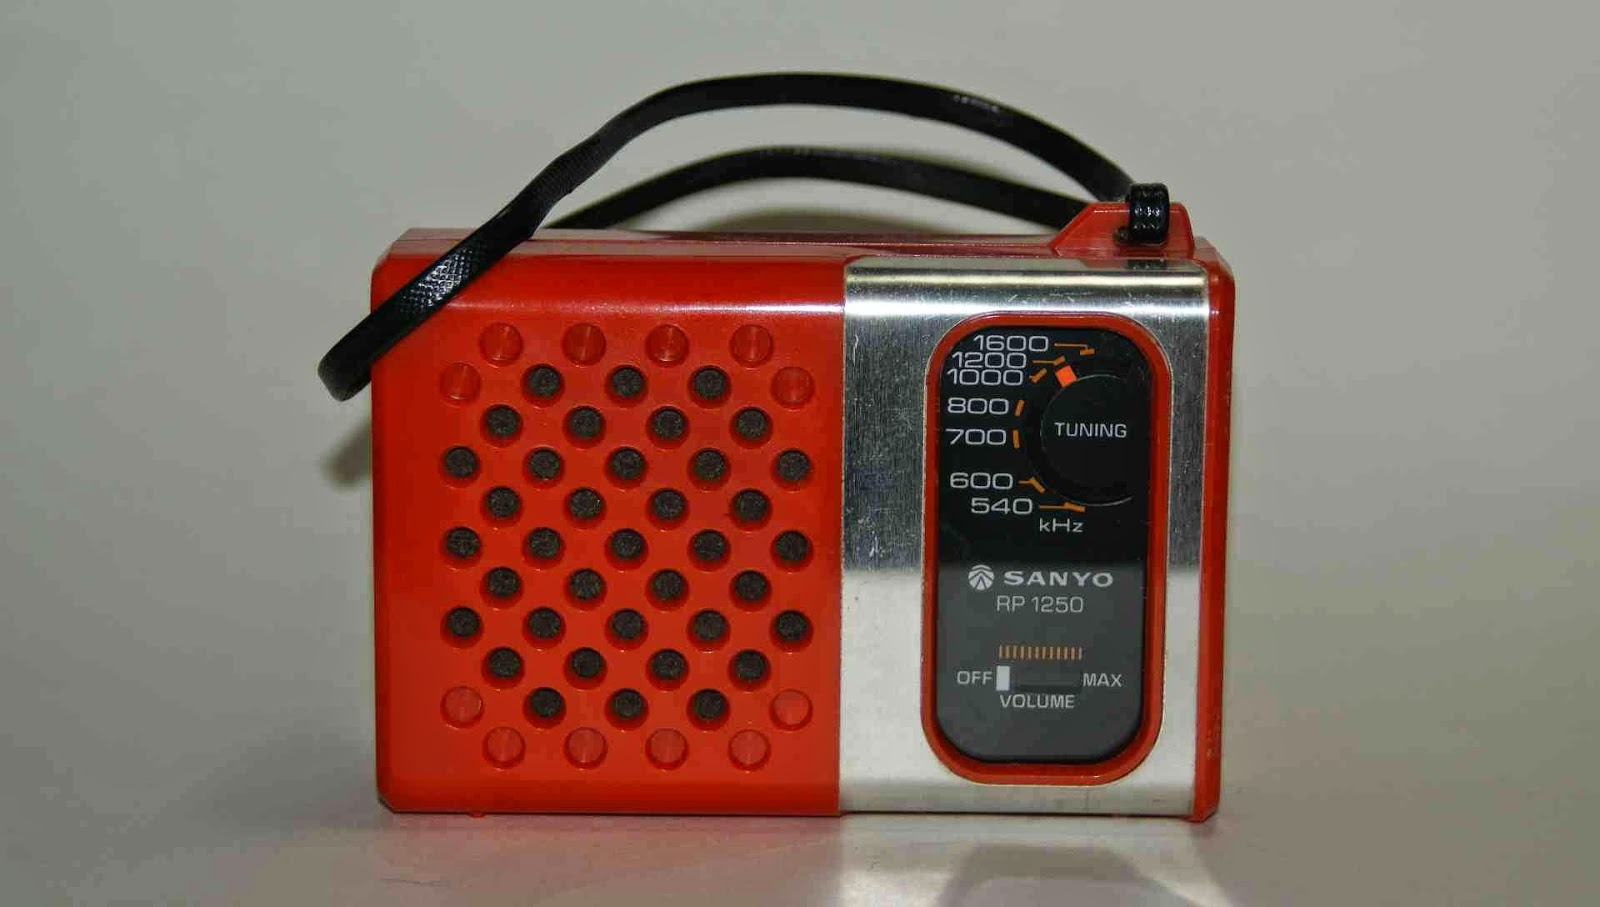 書き溜め space: SANYO トランジスタラジオ RP 1250 AM専用機